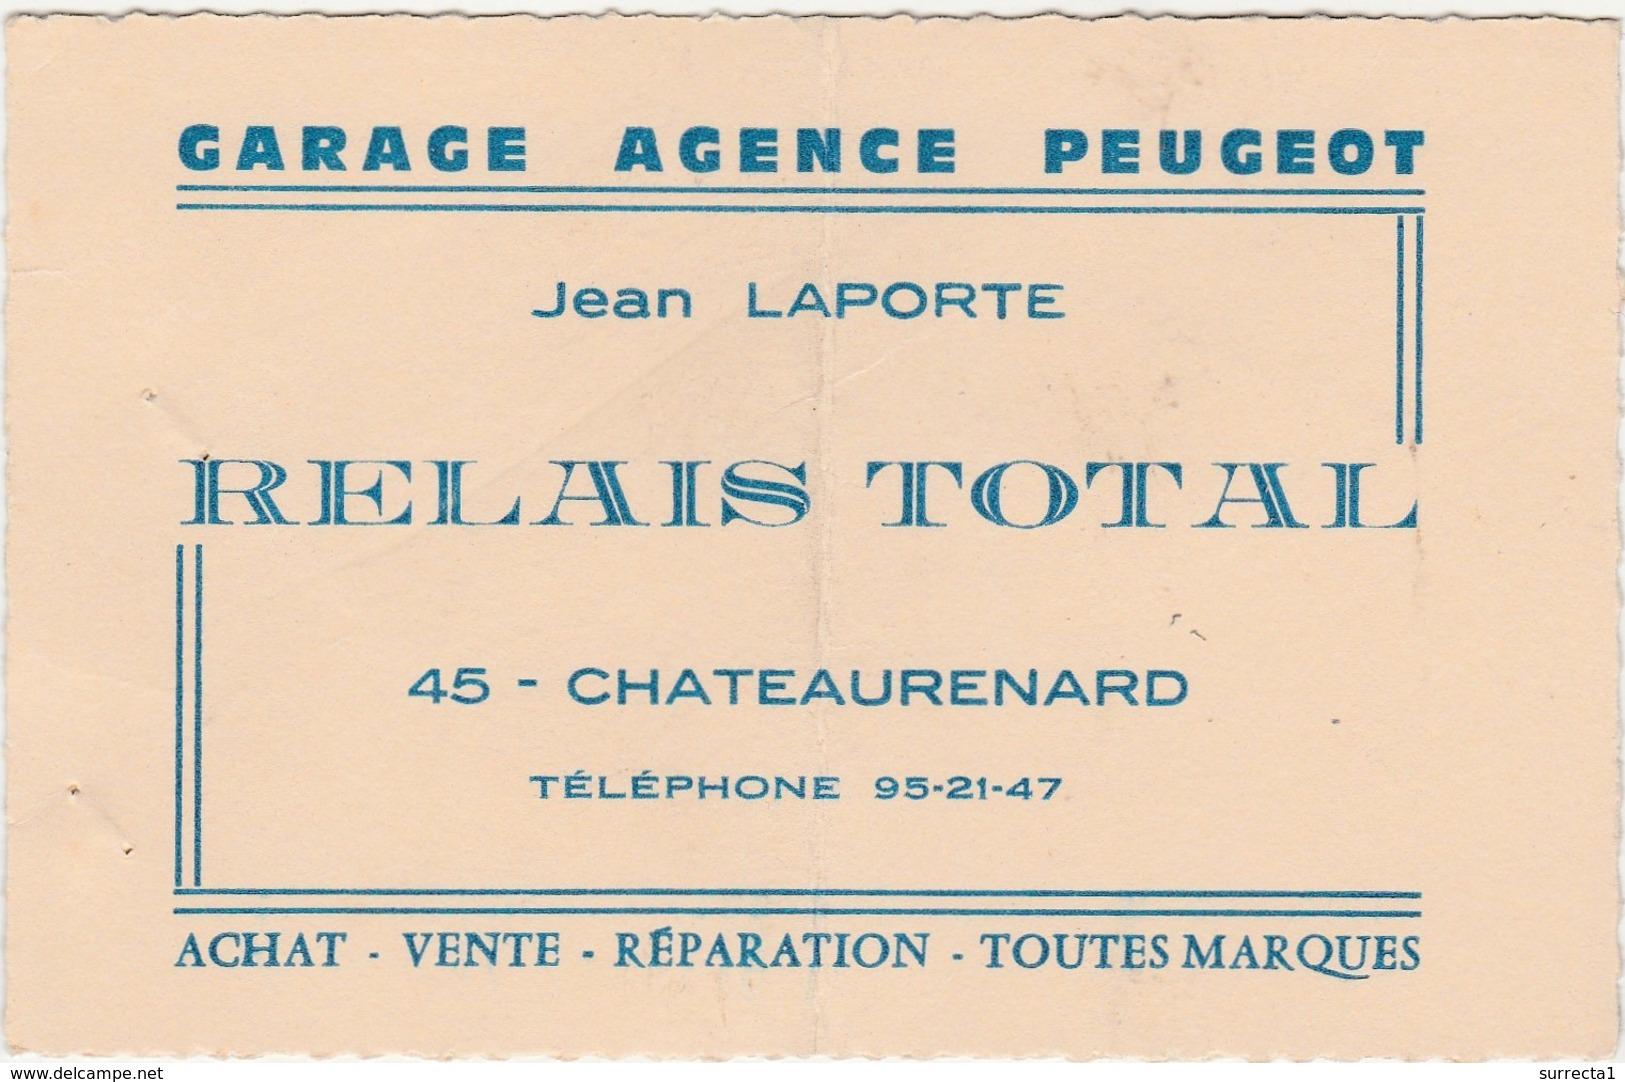 Carte Commerciale  Garage Peugeot / Jean LAPORTE / Châteaurenard Loiret 45 / Relais Total - Cartes